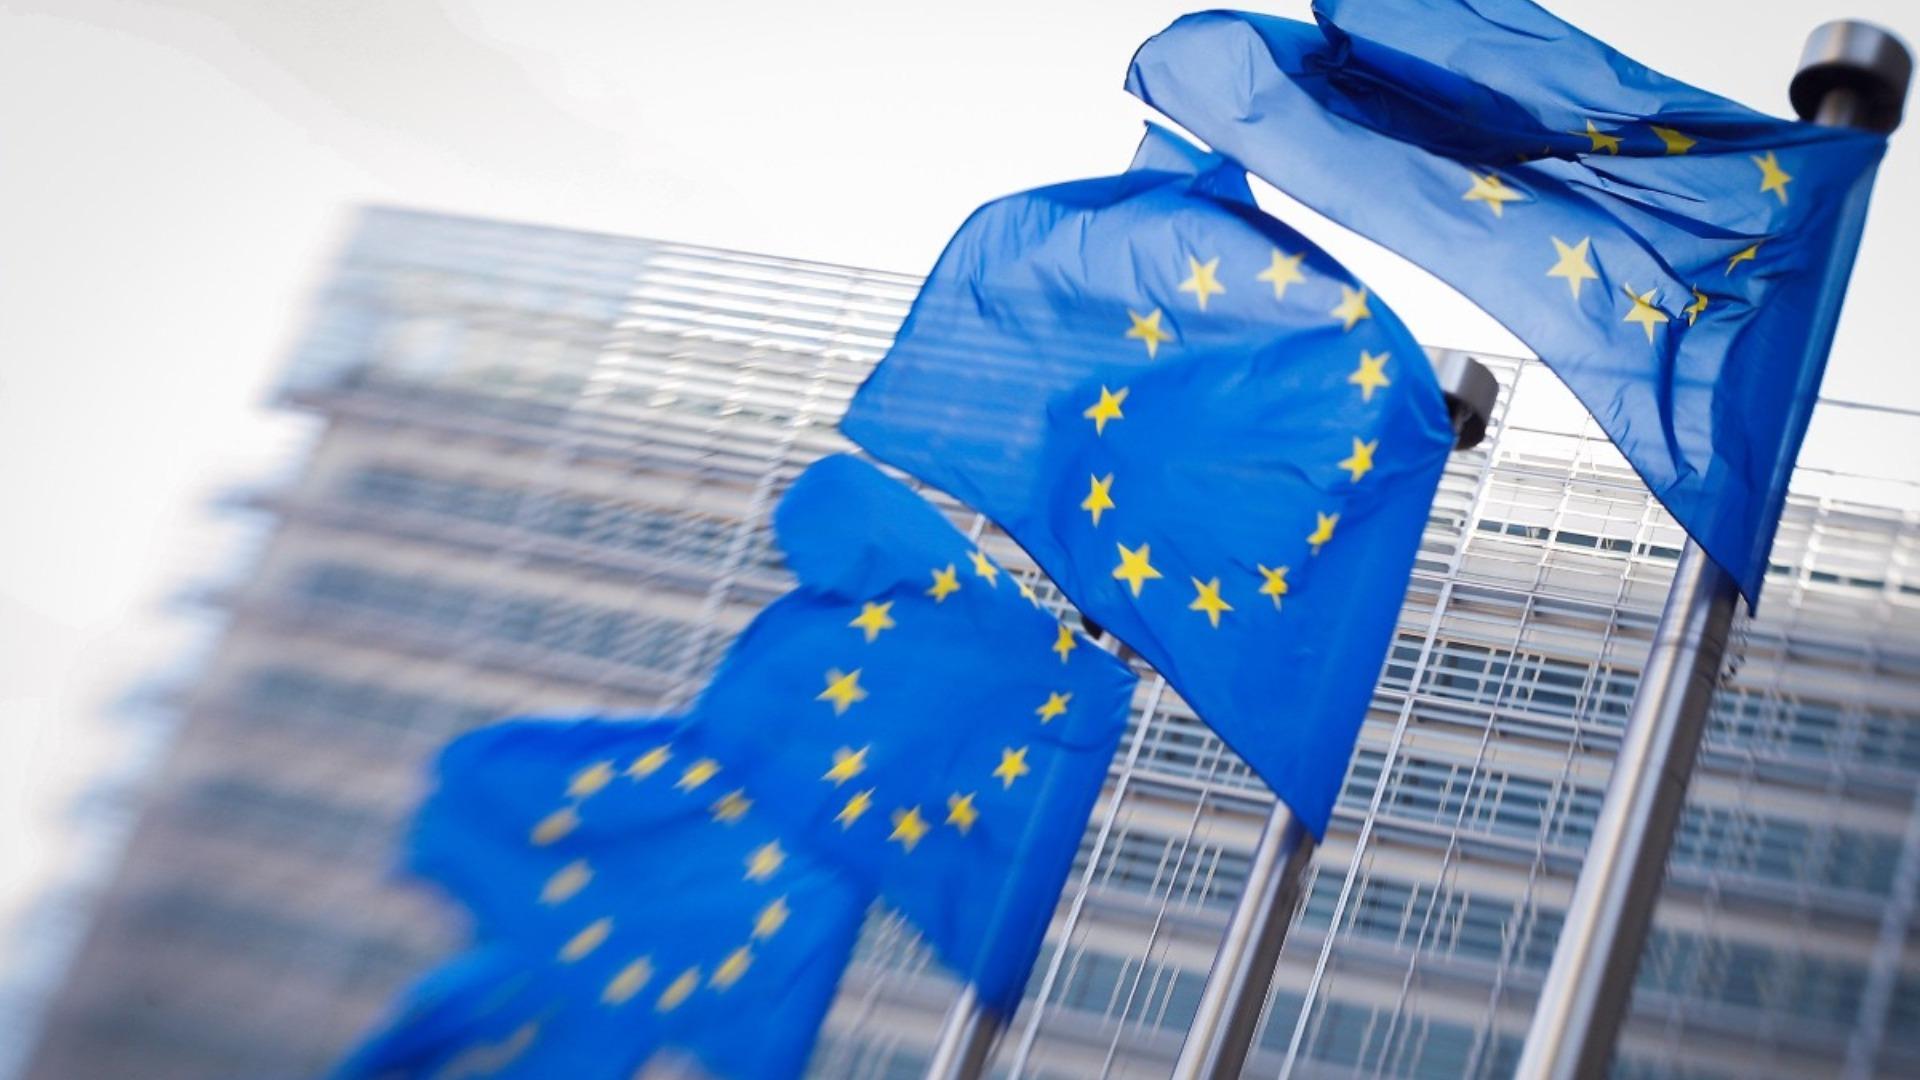 UE prorrogó por un año las sanciones contra funcionarios vinculados a Maduro